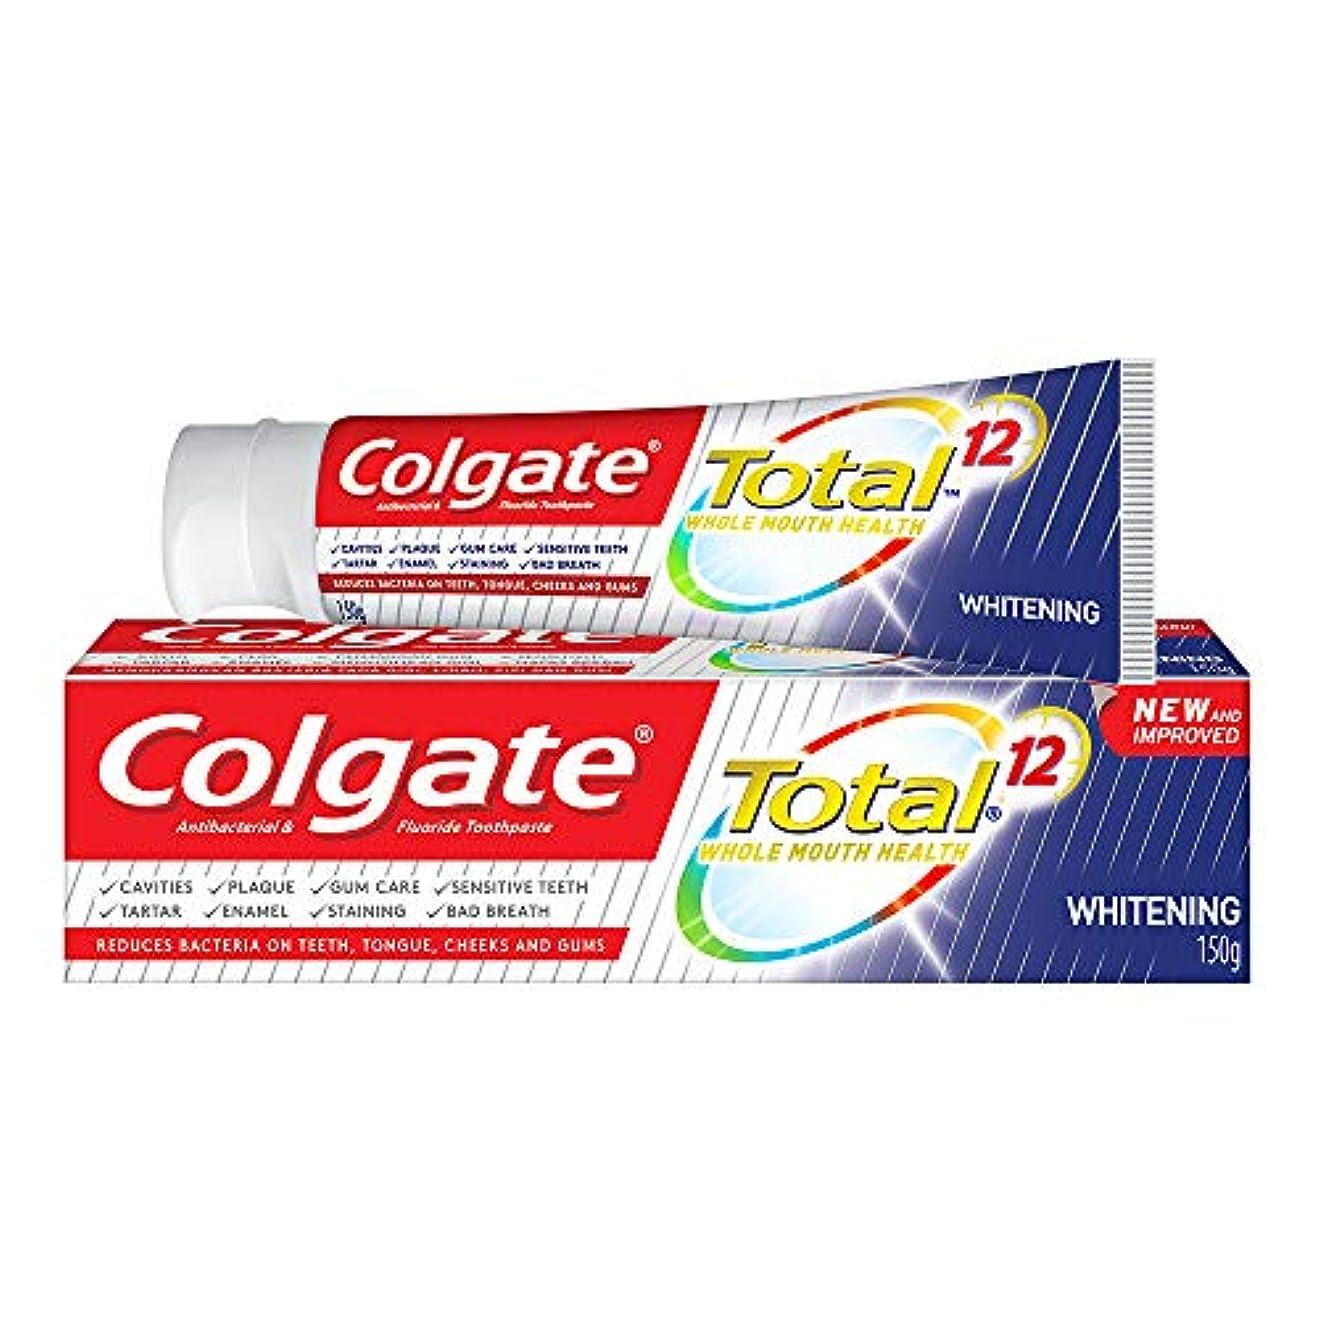 摂氏潮恥ずかしい(コルゲート)Colgate 歯磨き粉 Total (150g, ホールマウスヘルス)